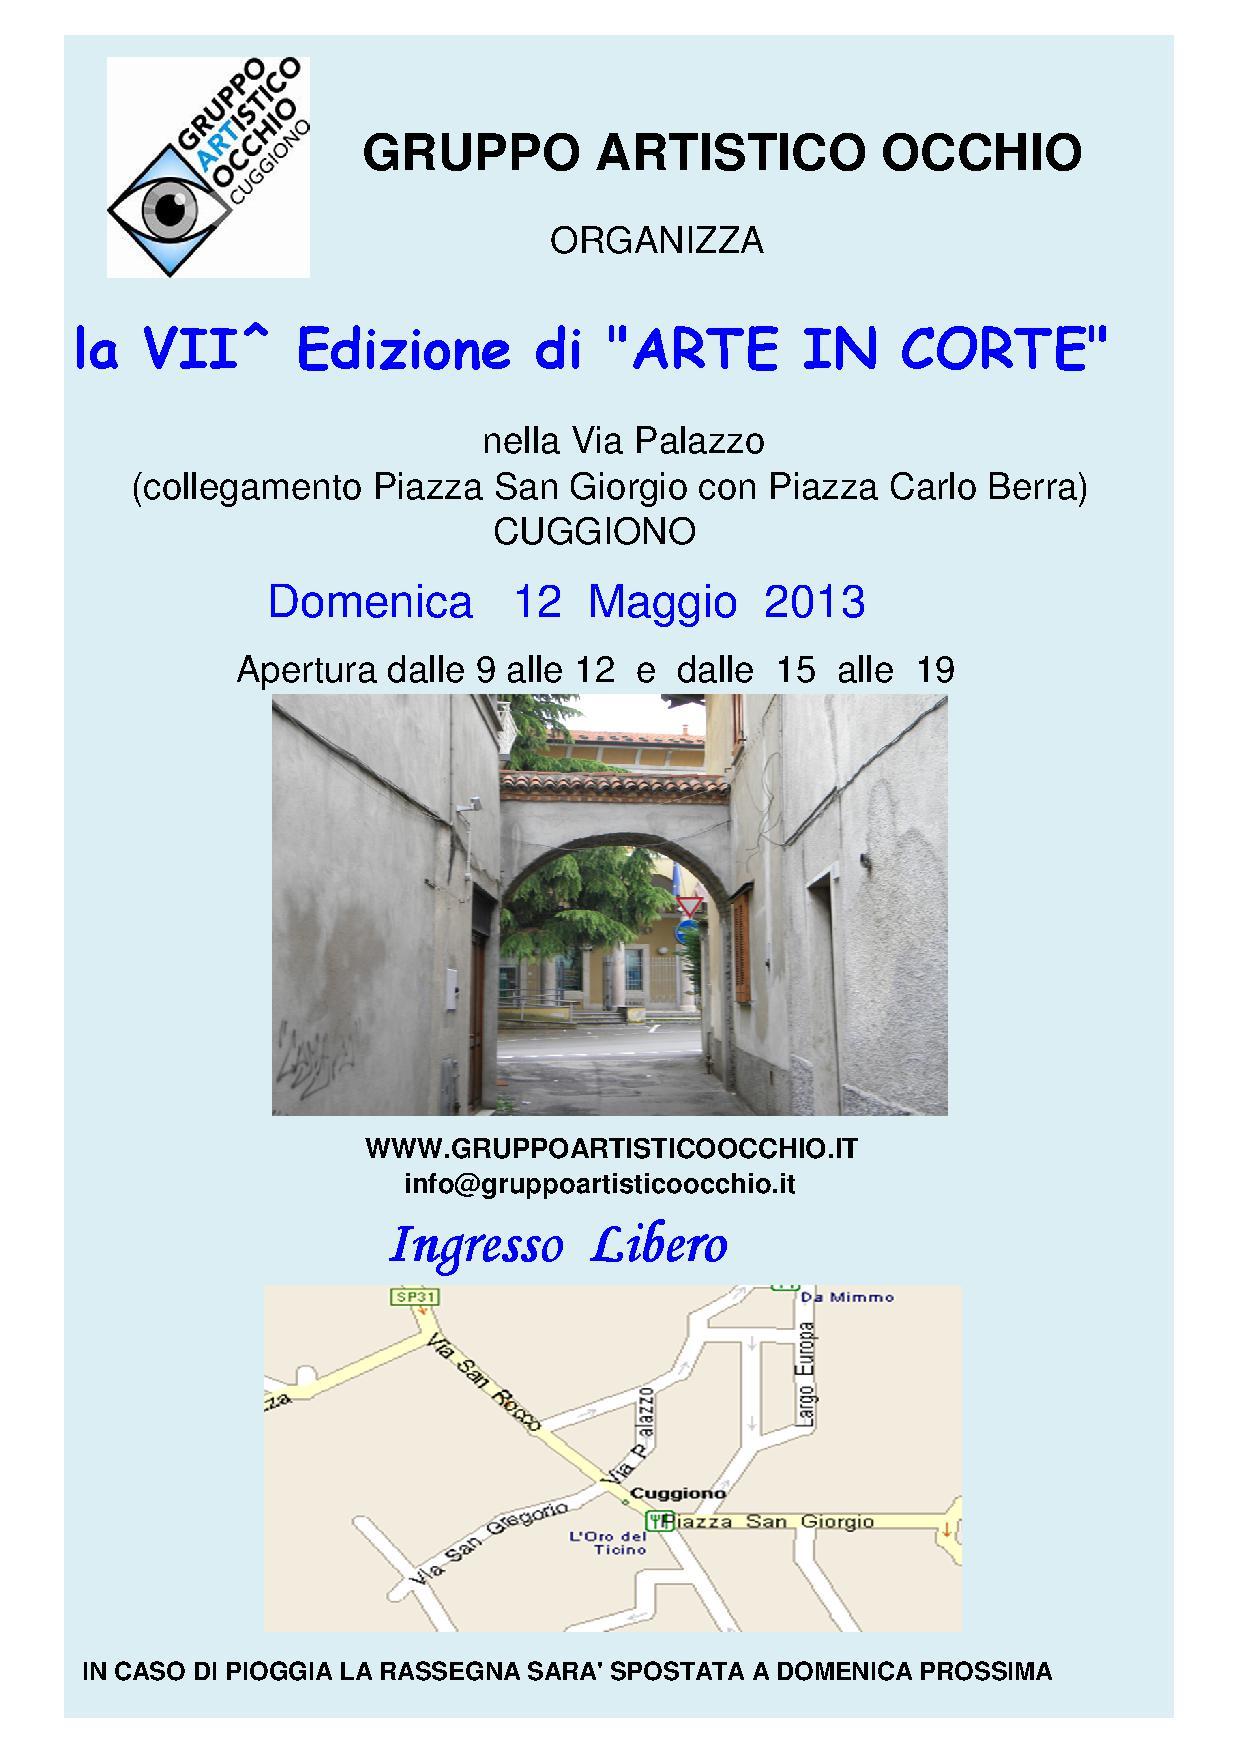 anno 2013 VII^ Edizione ARTE IN CORTE - Cuggiono Vicolo Palazzo, 12 maggio 2013 .